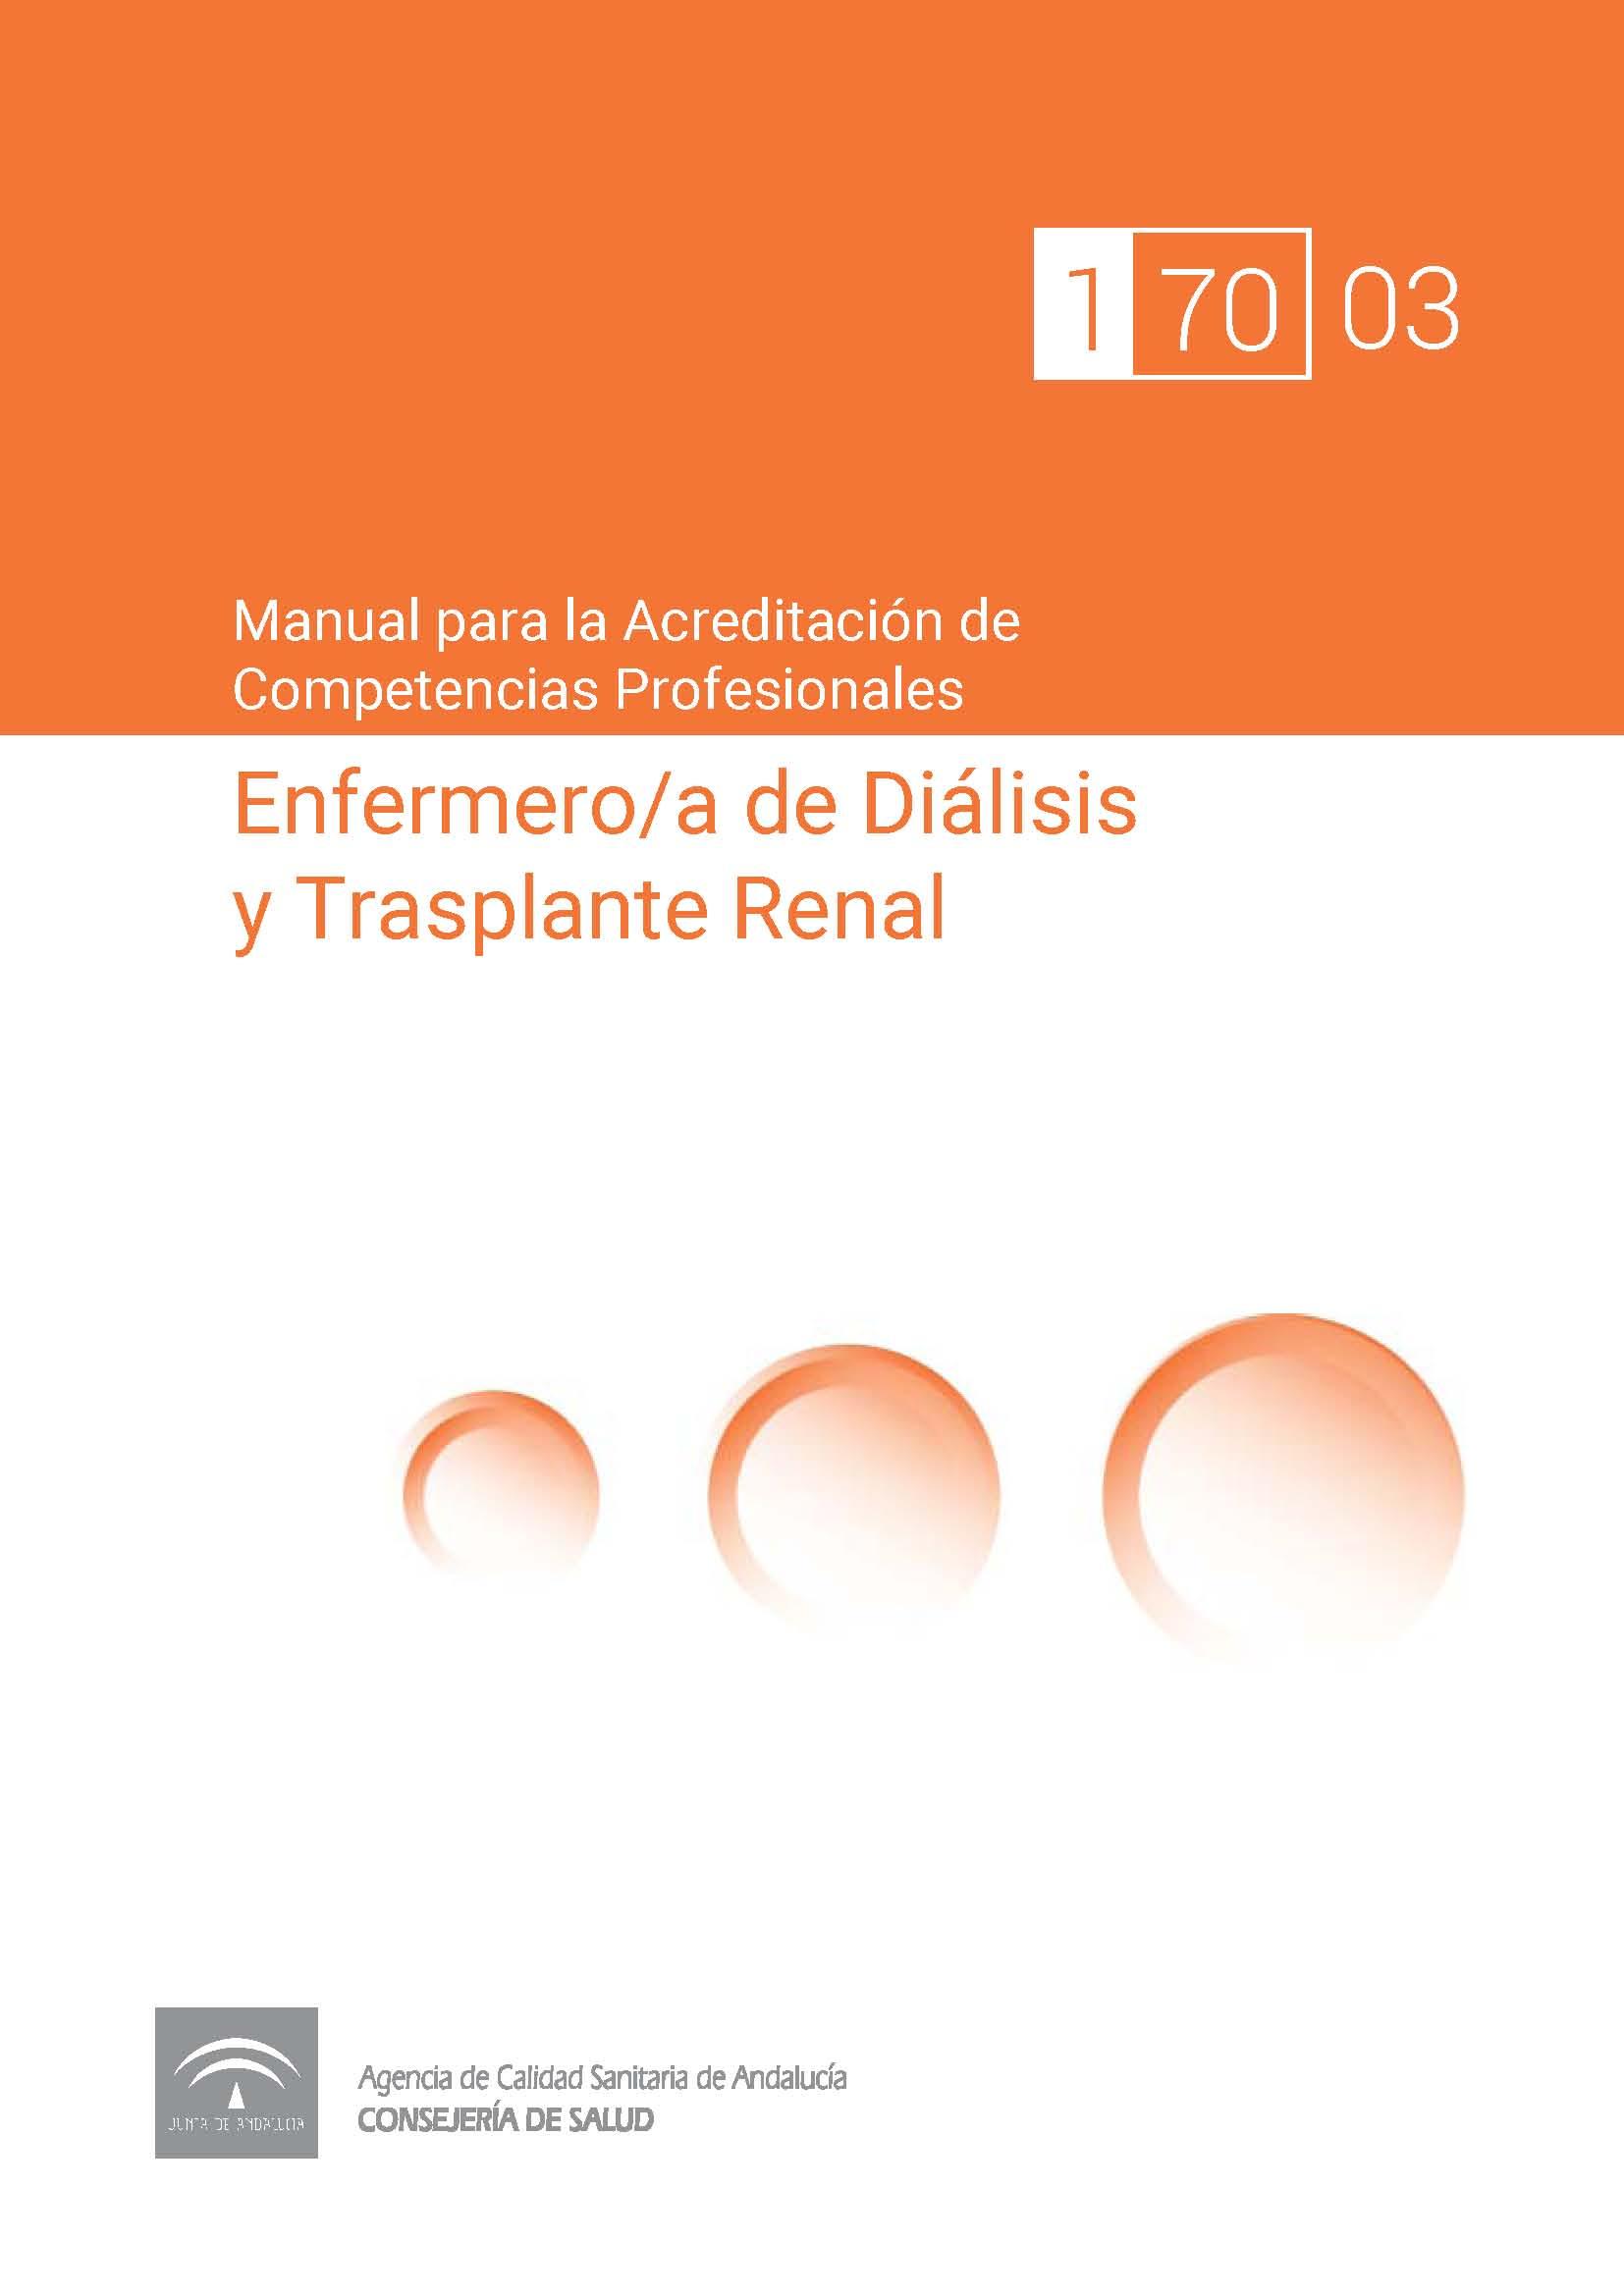 Enfermero/a de Diálisis y Trasplante Renal